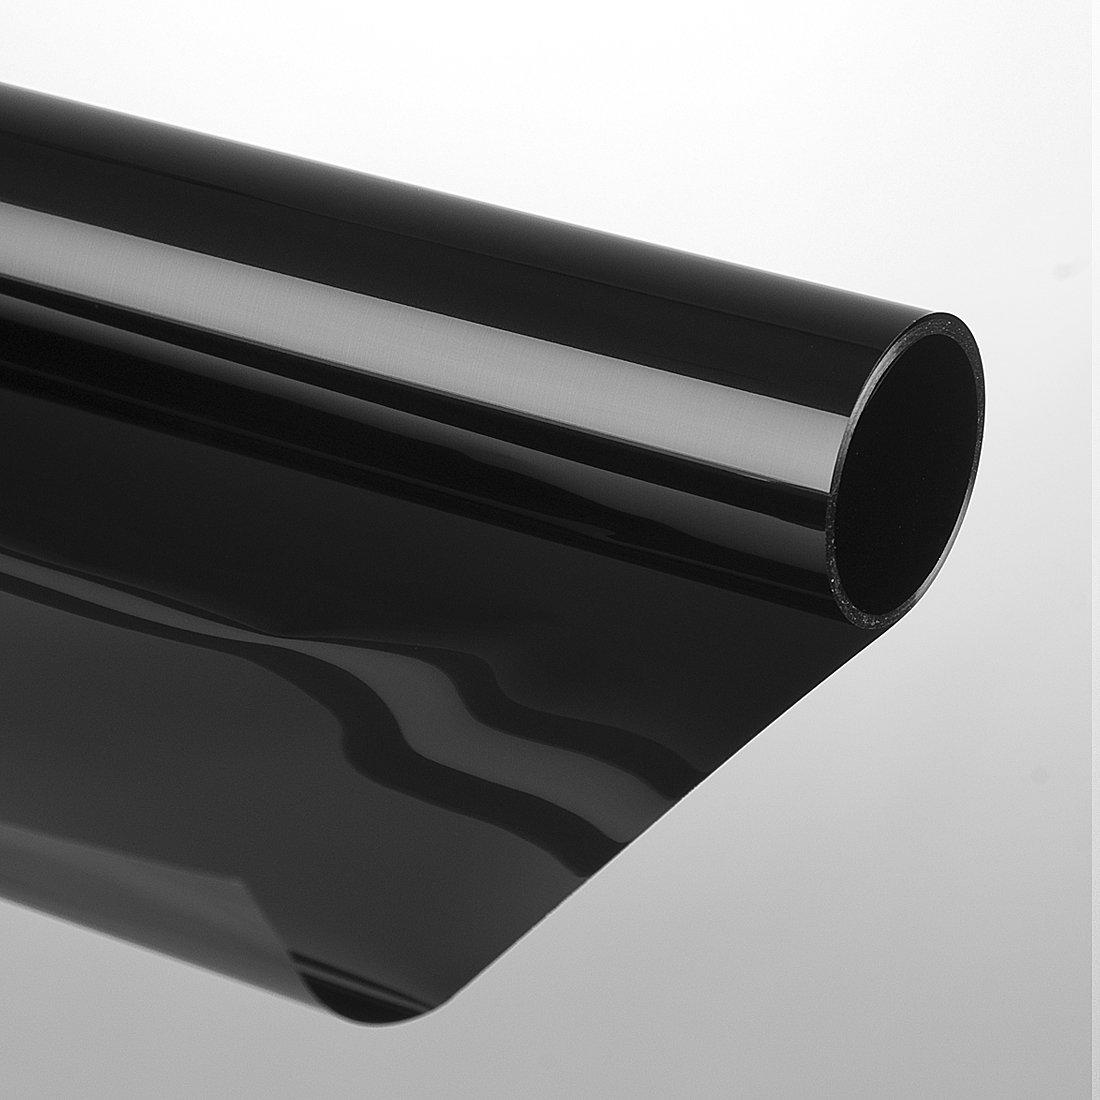 """Sonnenschutzfolie """"Extrem"""" 75 x 300 cm dunkelschwarz schwarz"""